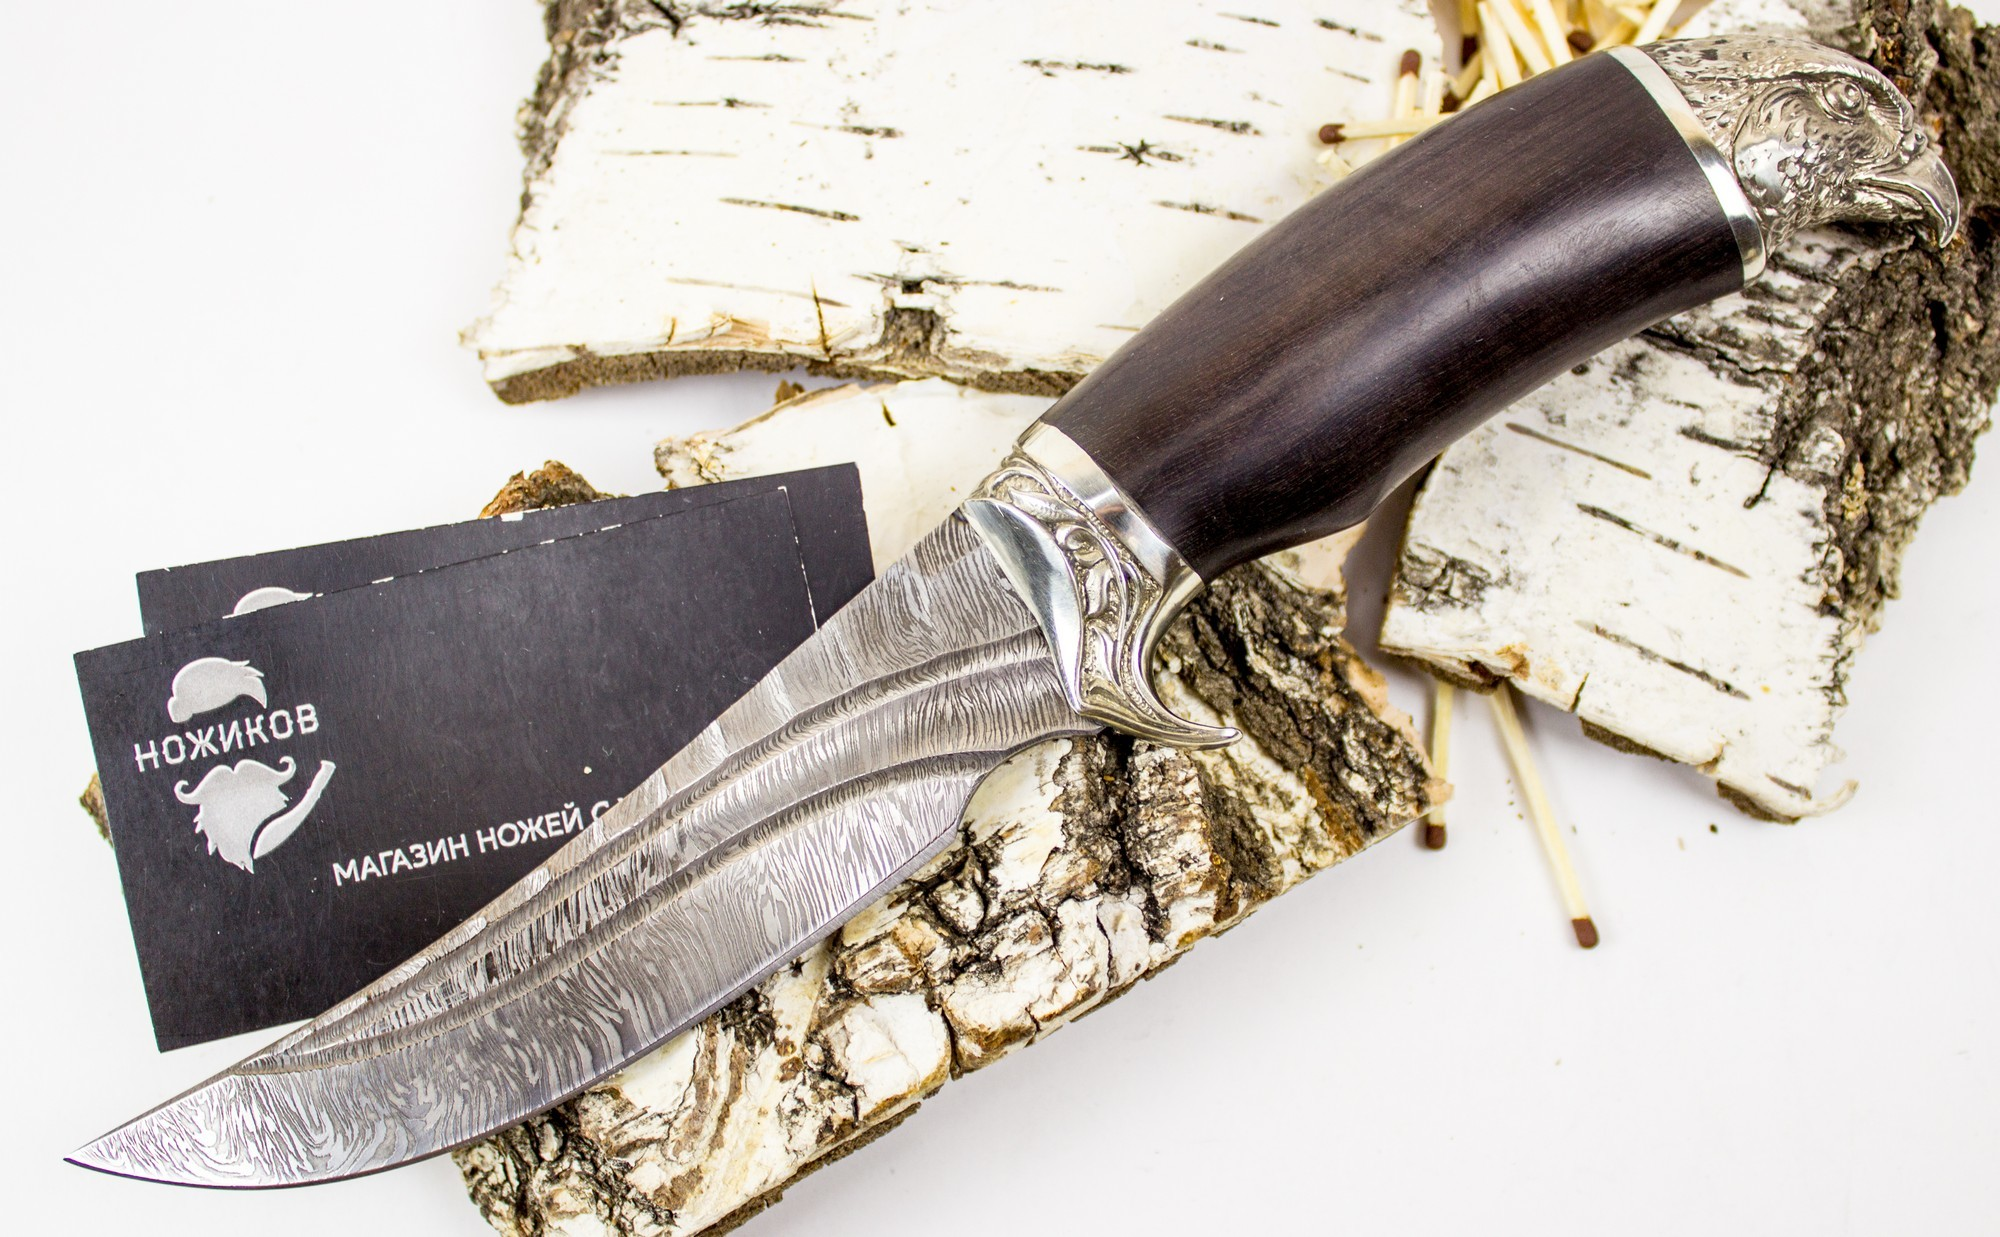 Нож Ворон, сталь дамаск, мельхиор